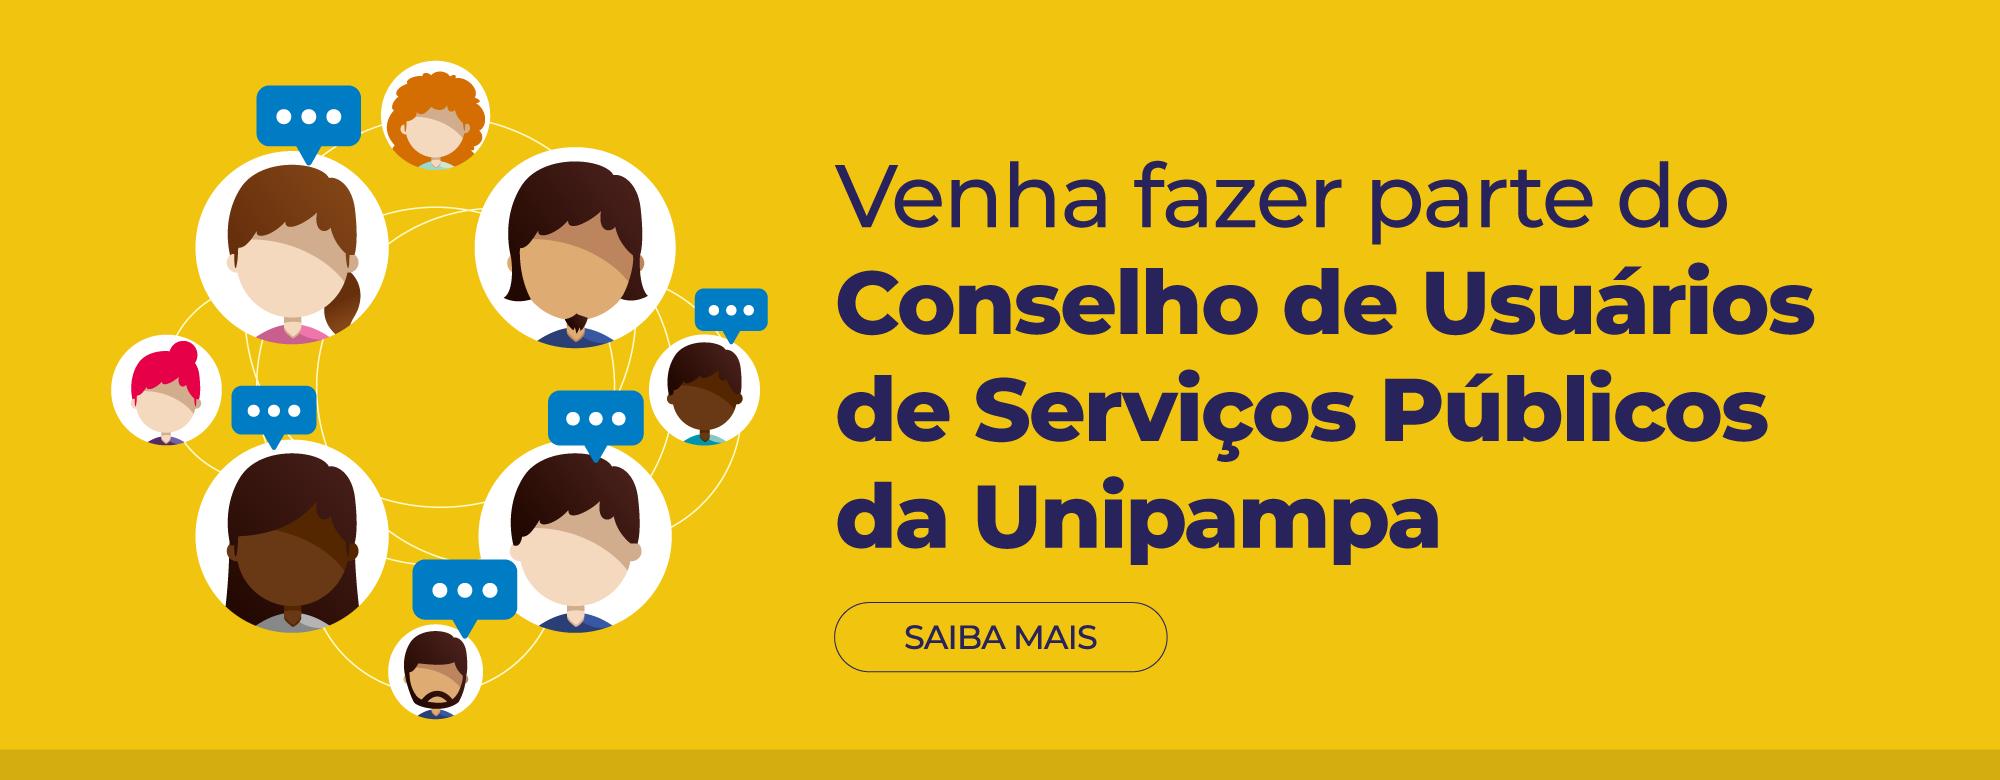 Unipampa realiza chamamento para formação do Conselho de Usuários de Serviços Públicos